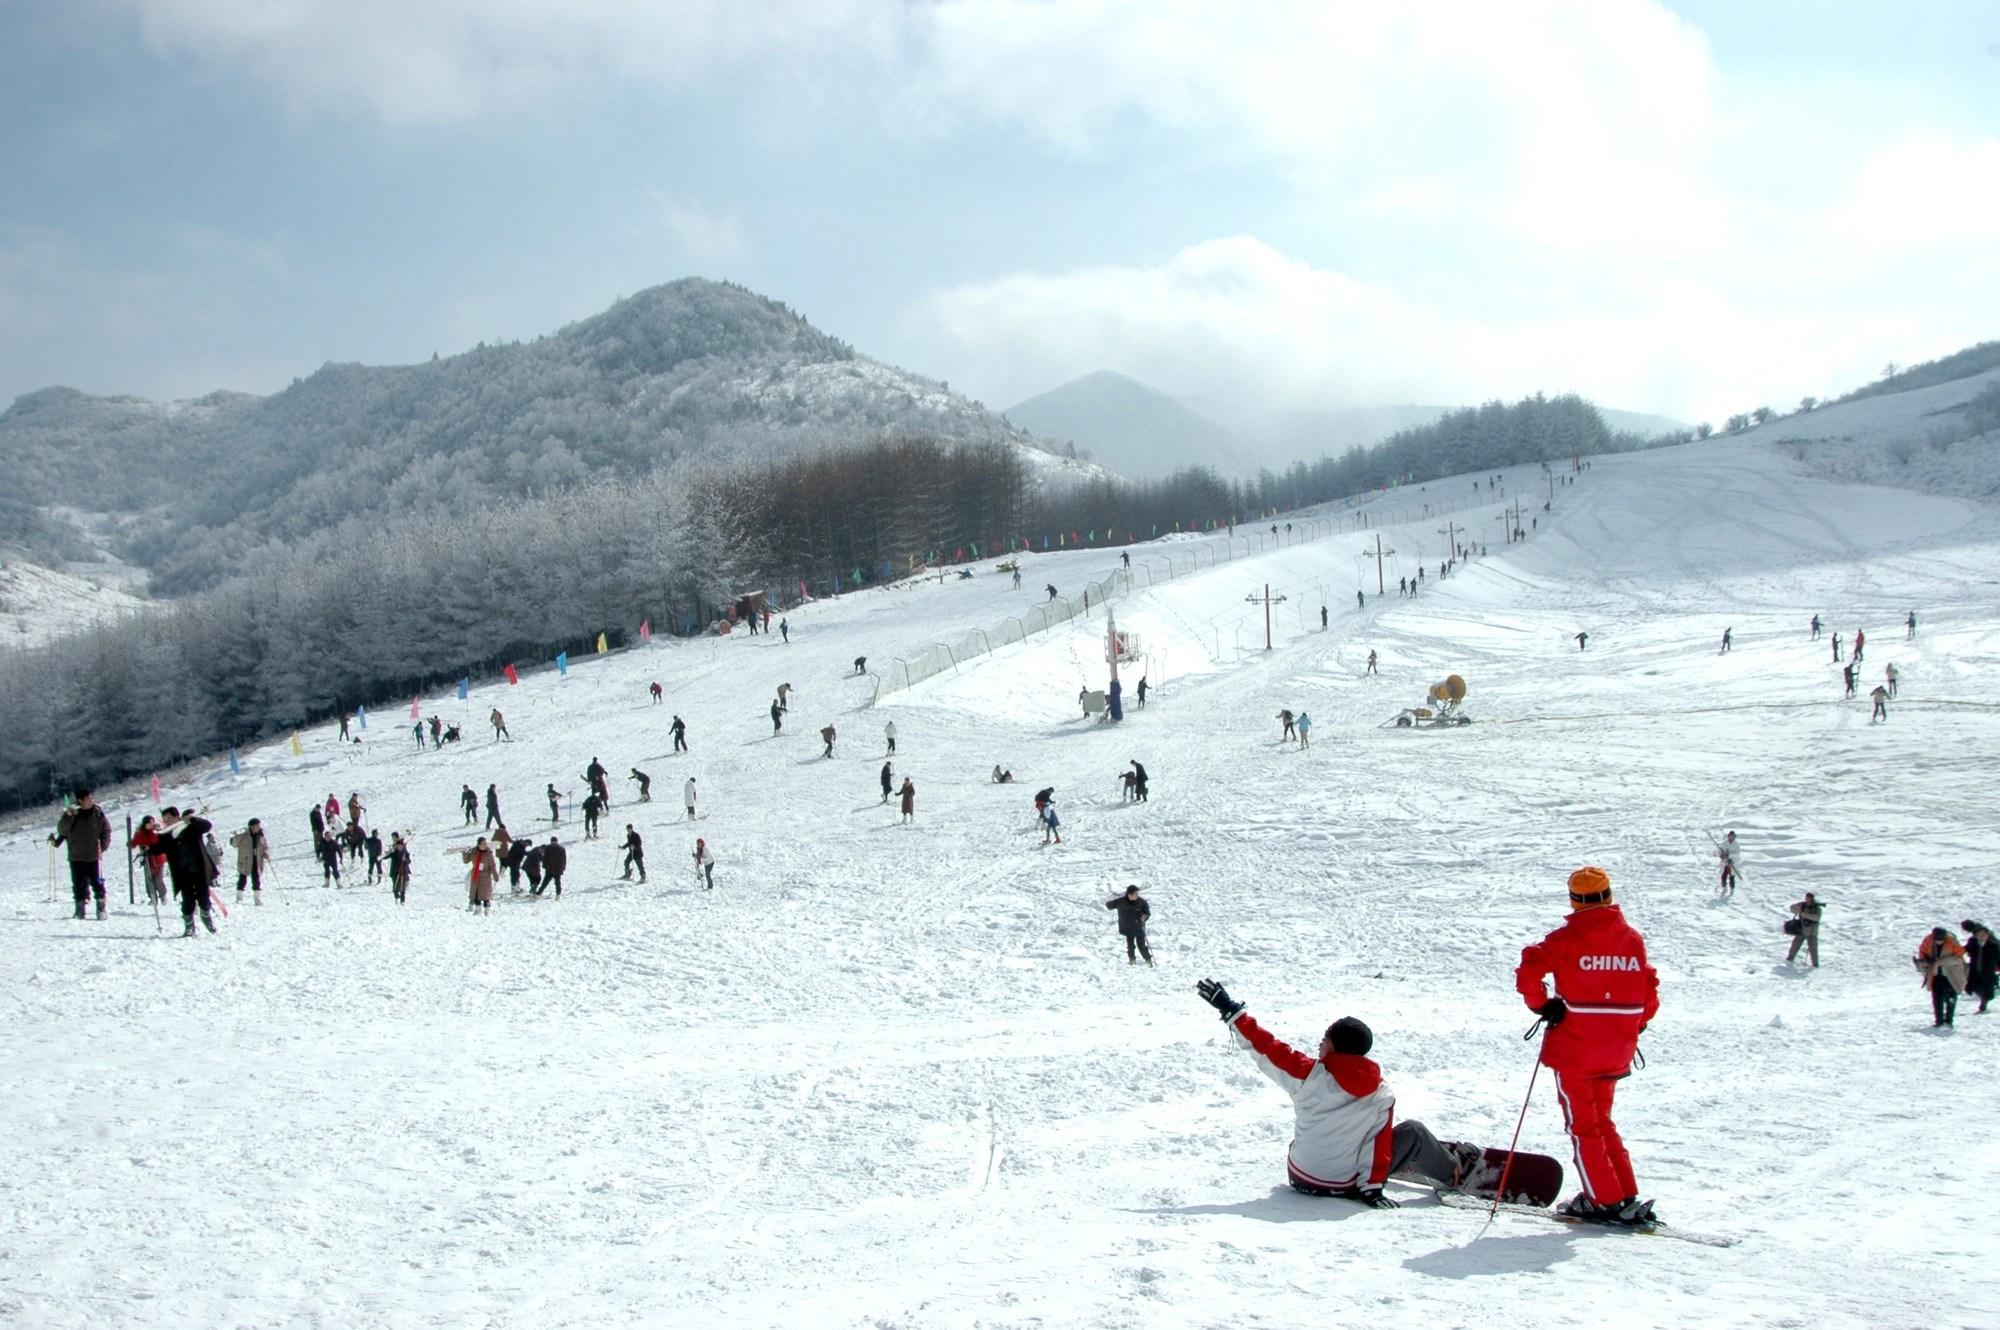 chinese-skiers-ski-resort-business-travel-luxury-report-snow